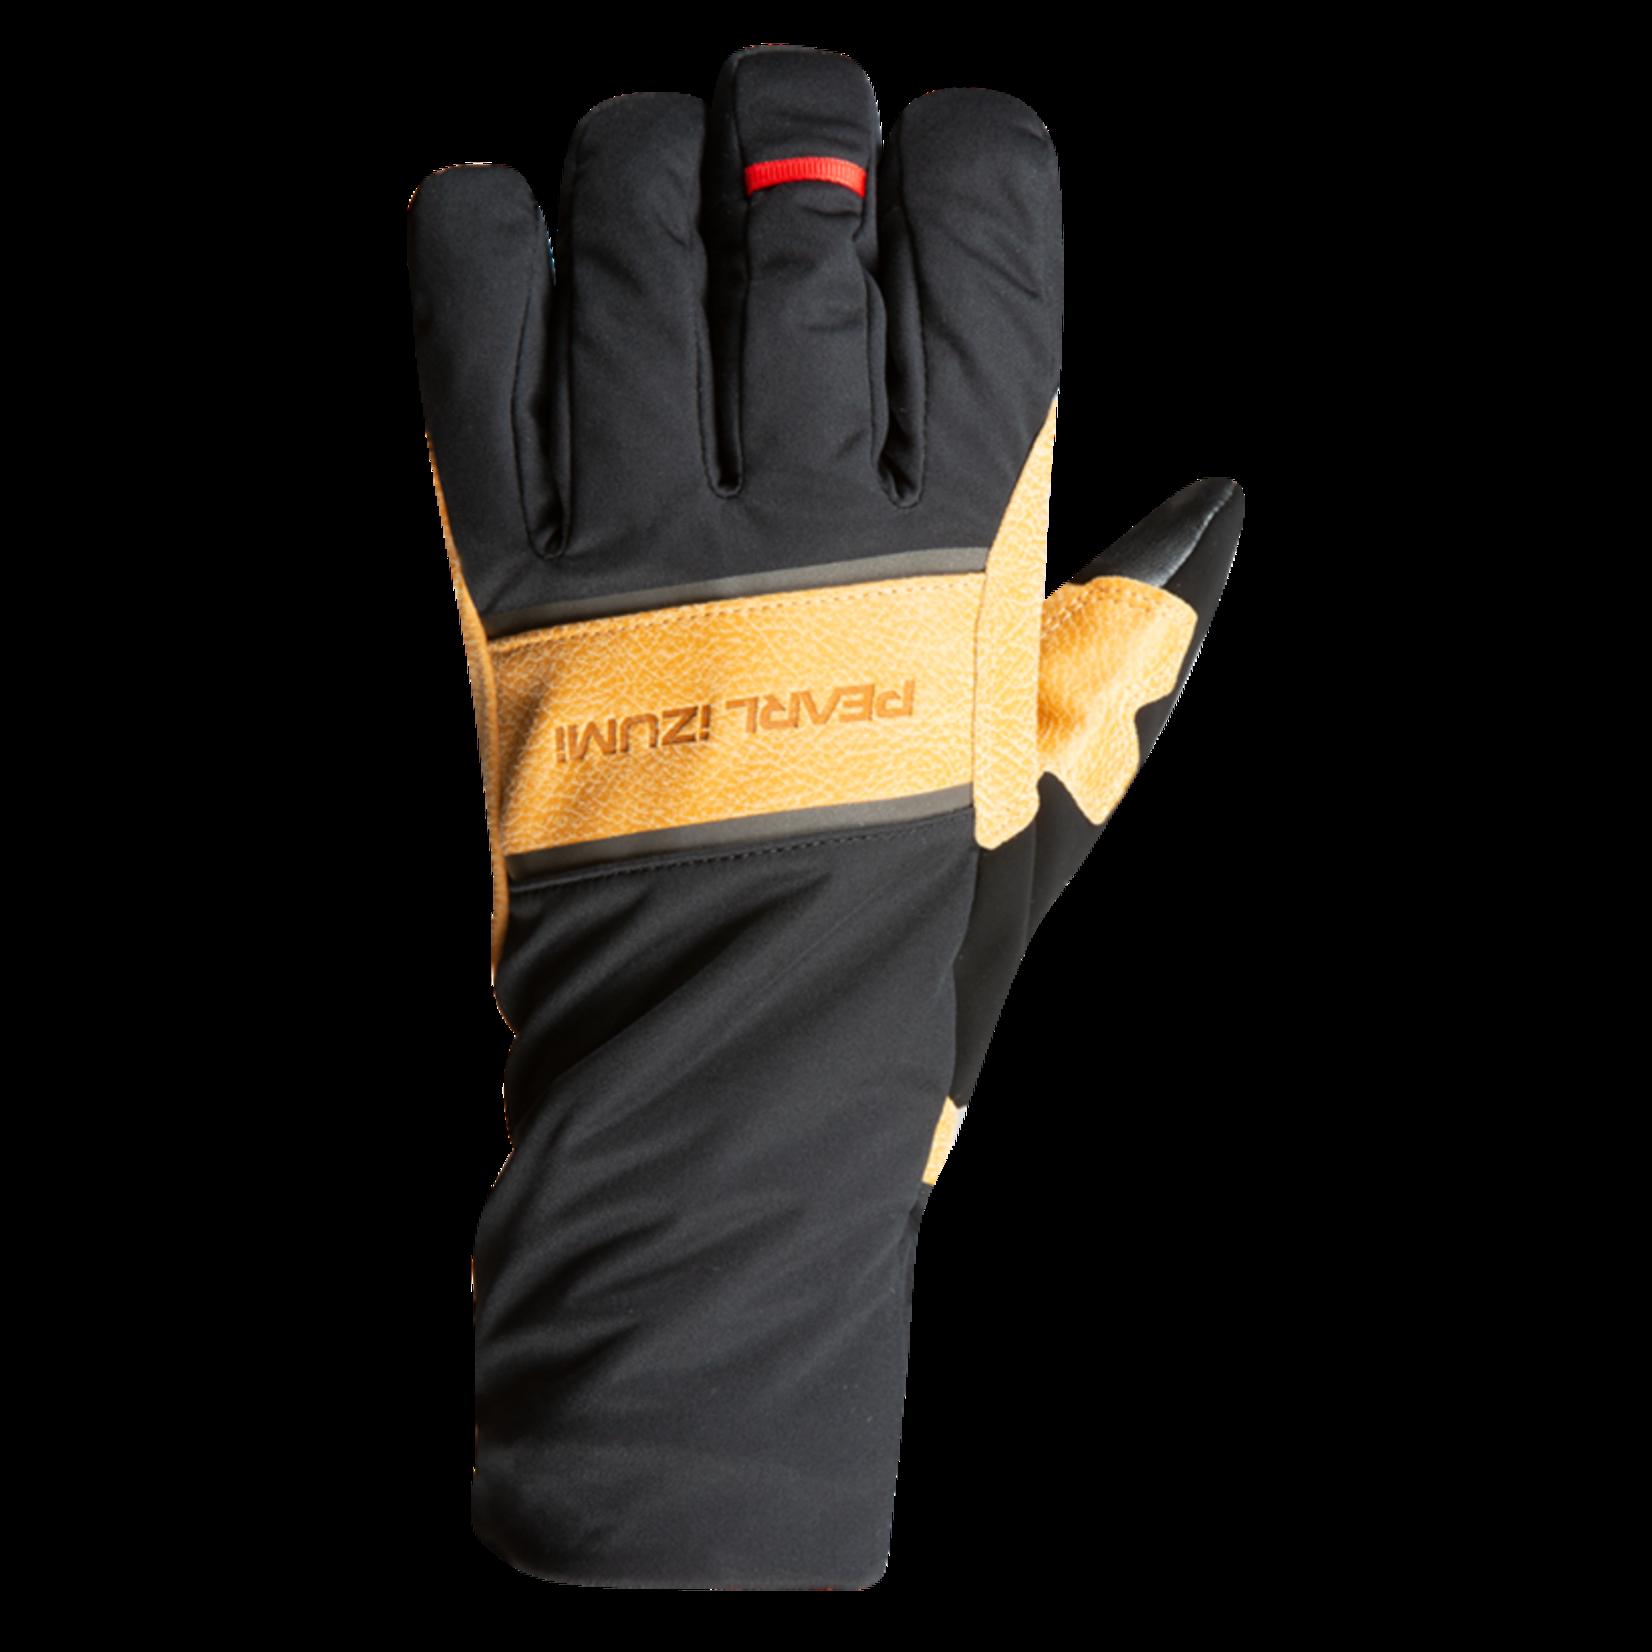 Pearl Izumi Pearl Izumi AmFIB Gel Glove